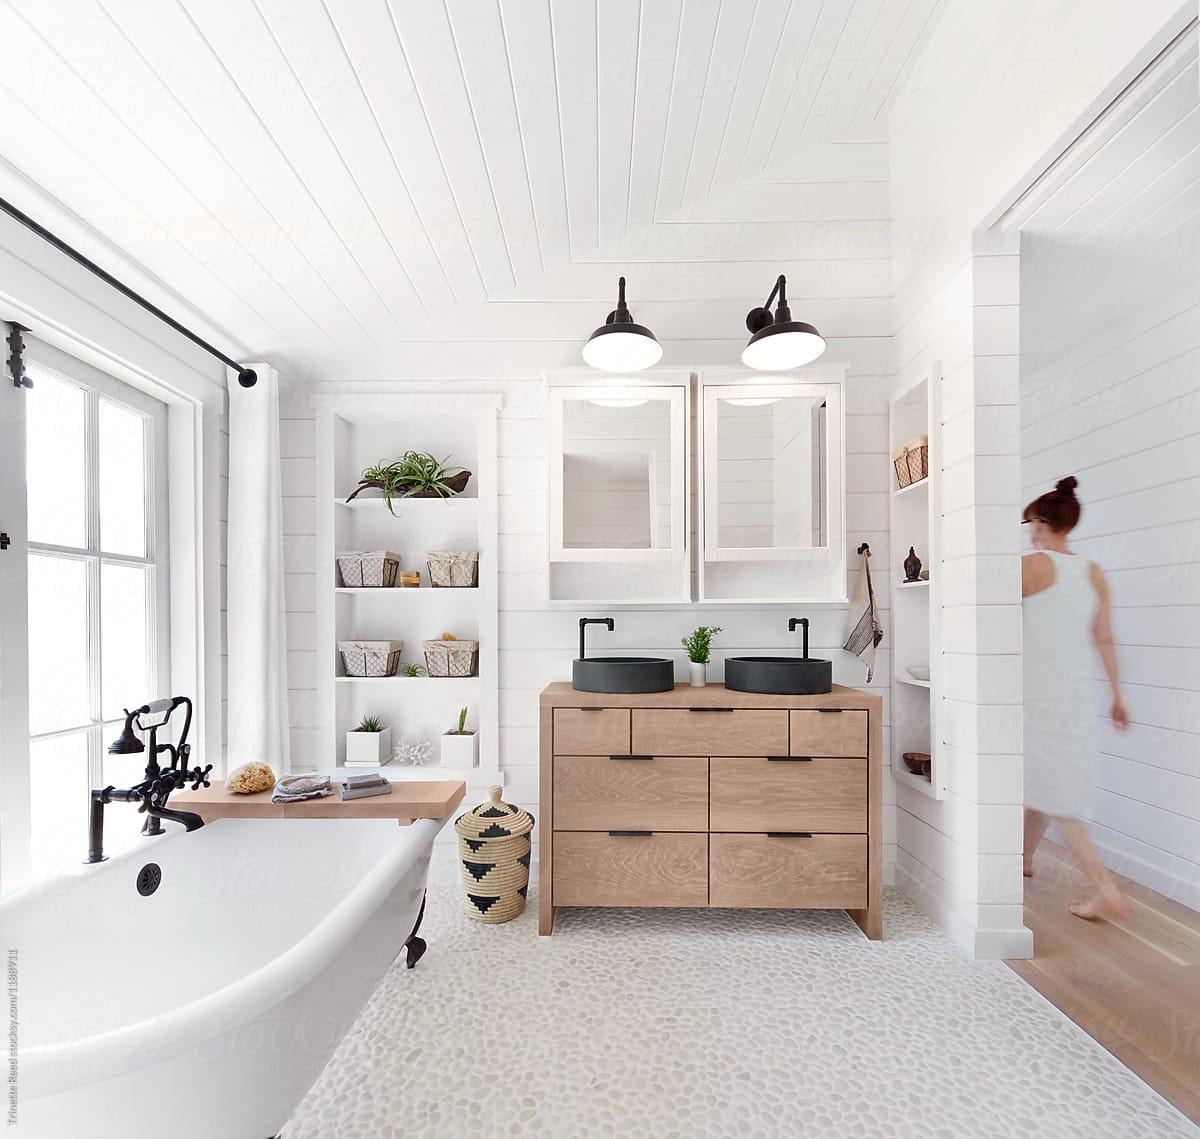 Modern Farmhouse Bathroom: Woman Walking Down Hallway In Rustic Modern Farmhouse